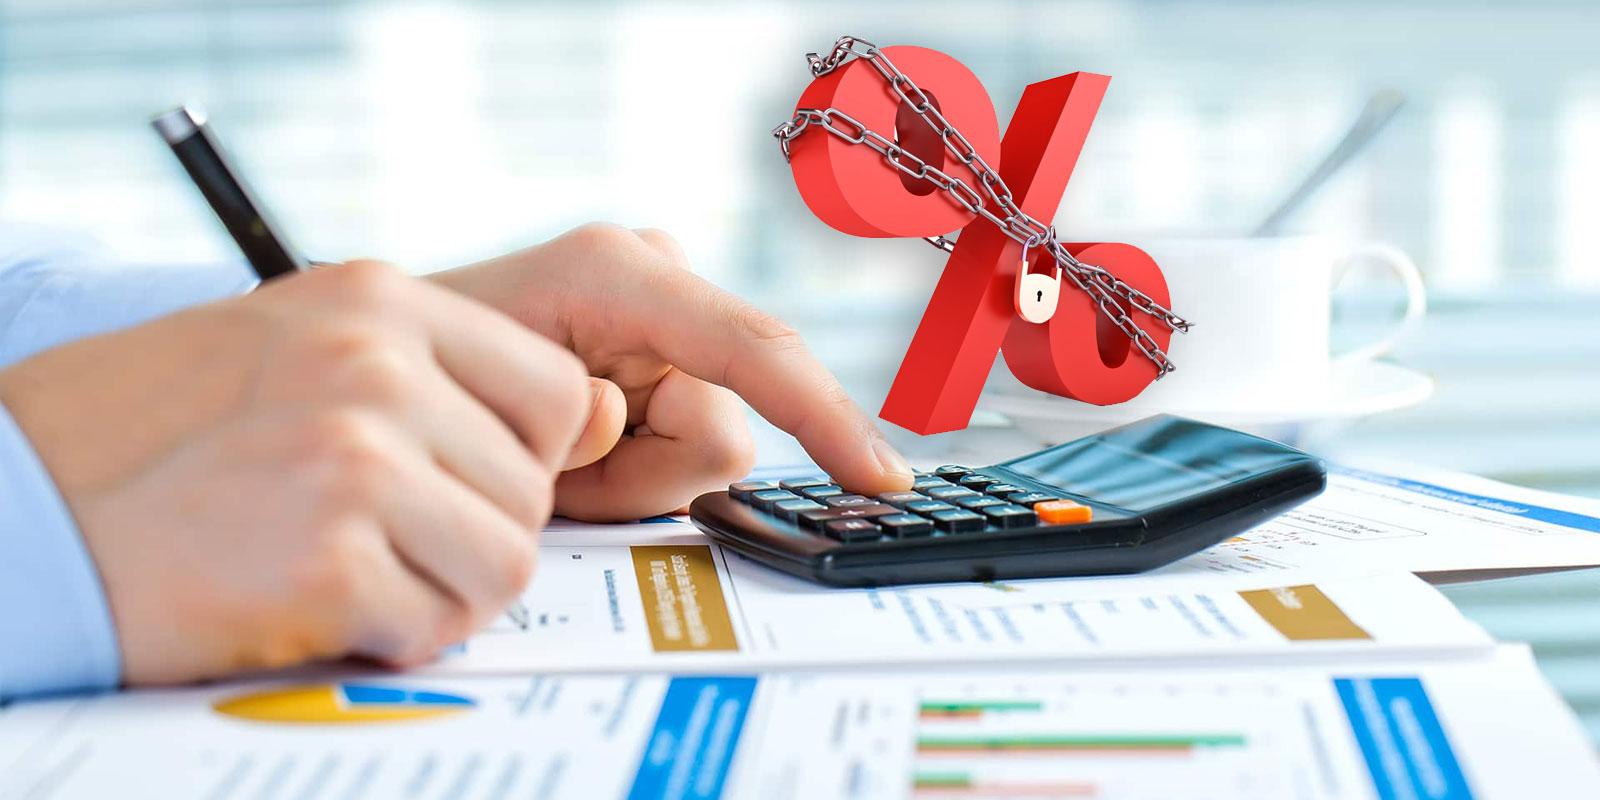 Выдача микрокредита на сумму 100 000 рублей